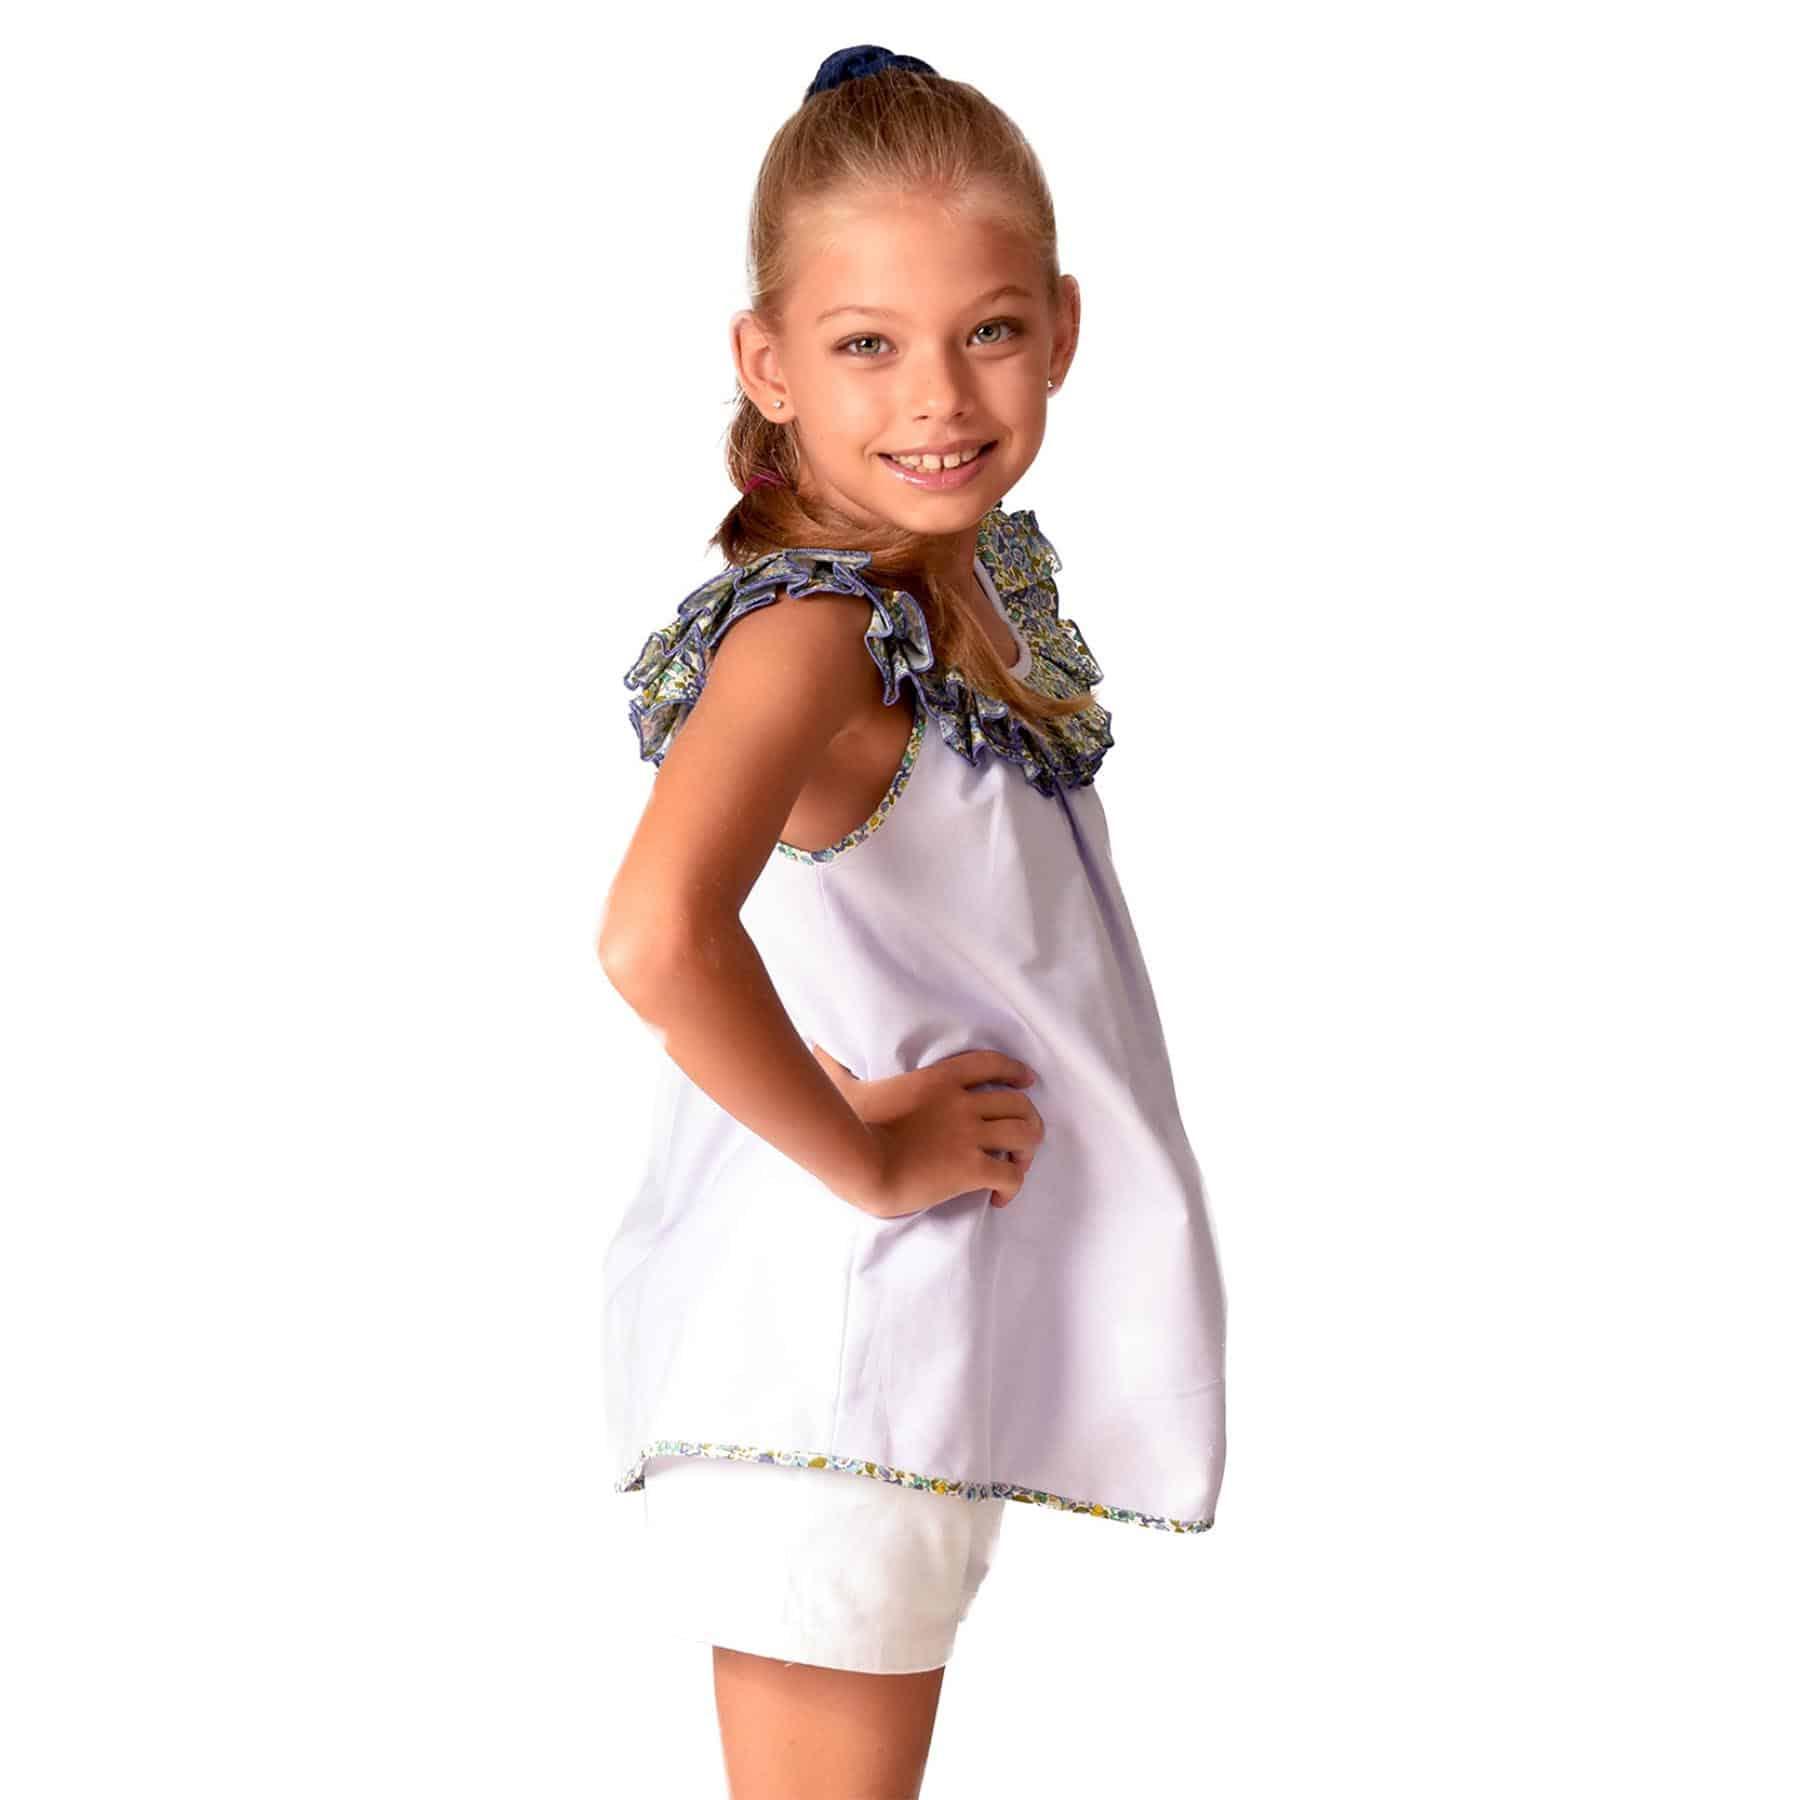 Blouse sans manches en coton lilas avec col bateau à volants liberty vert et bleu pour filles de 2 à 12 ans